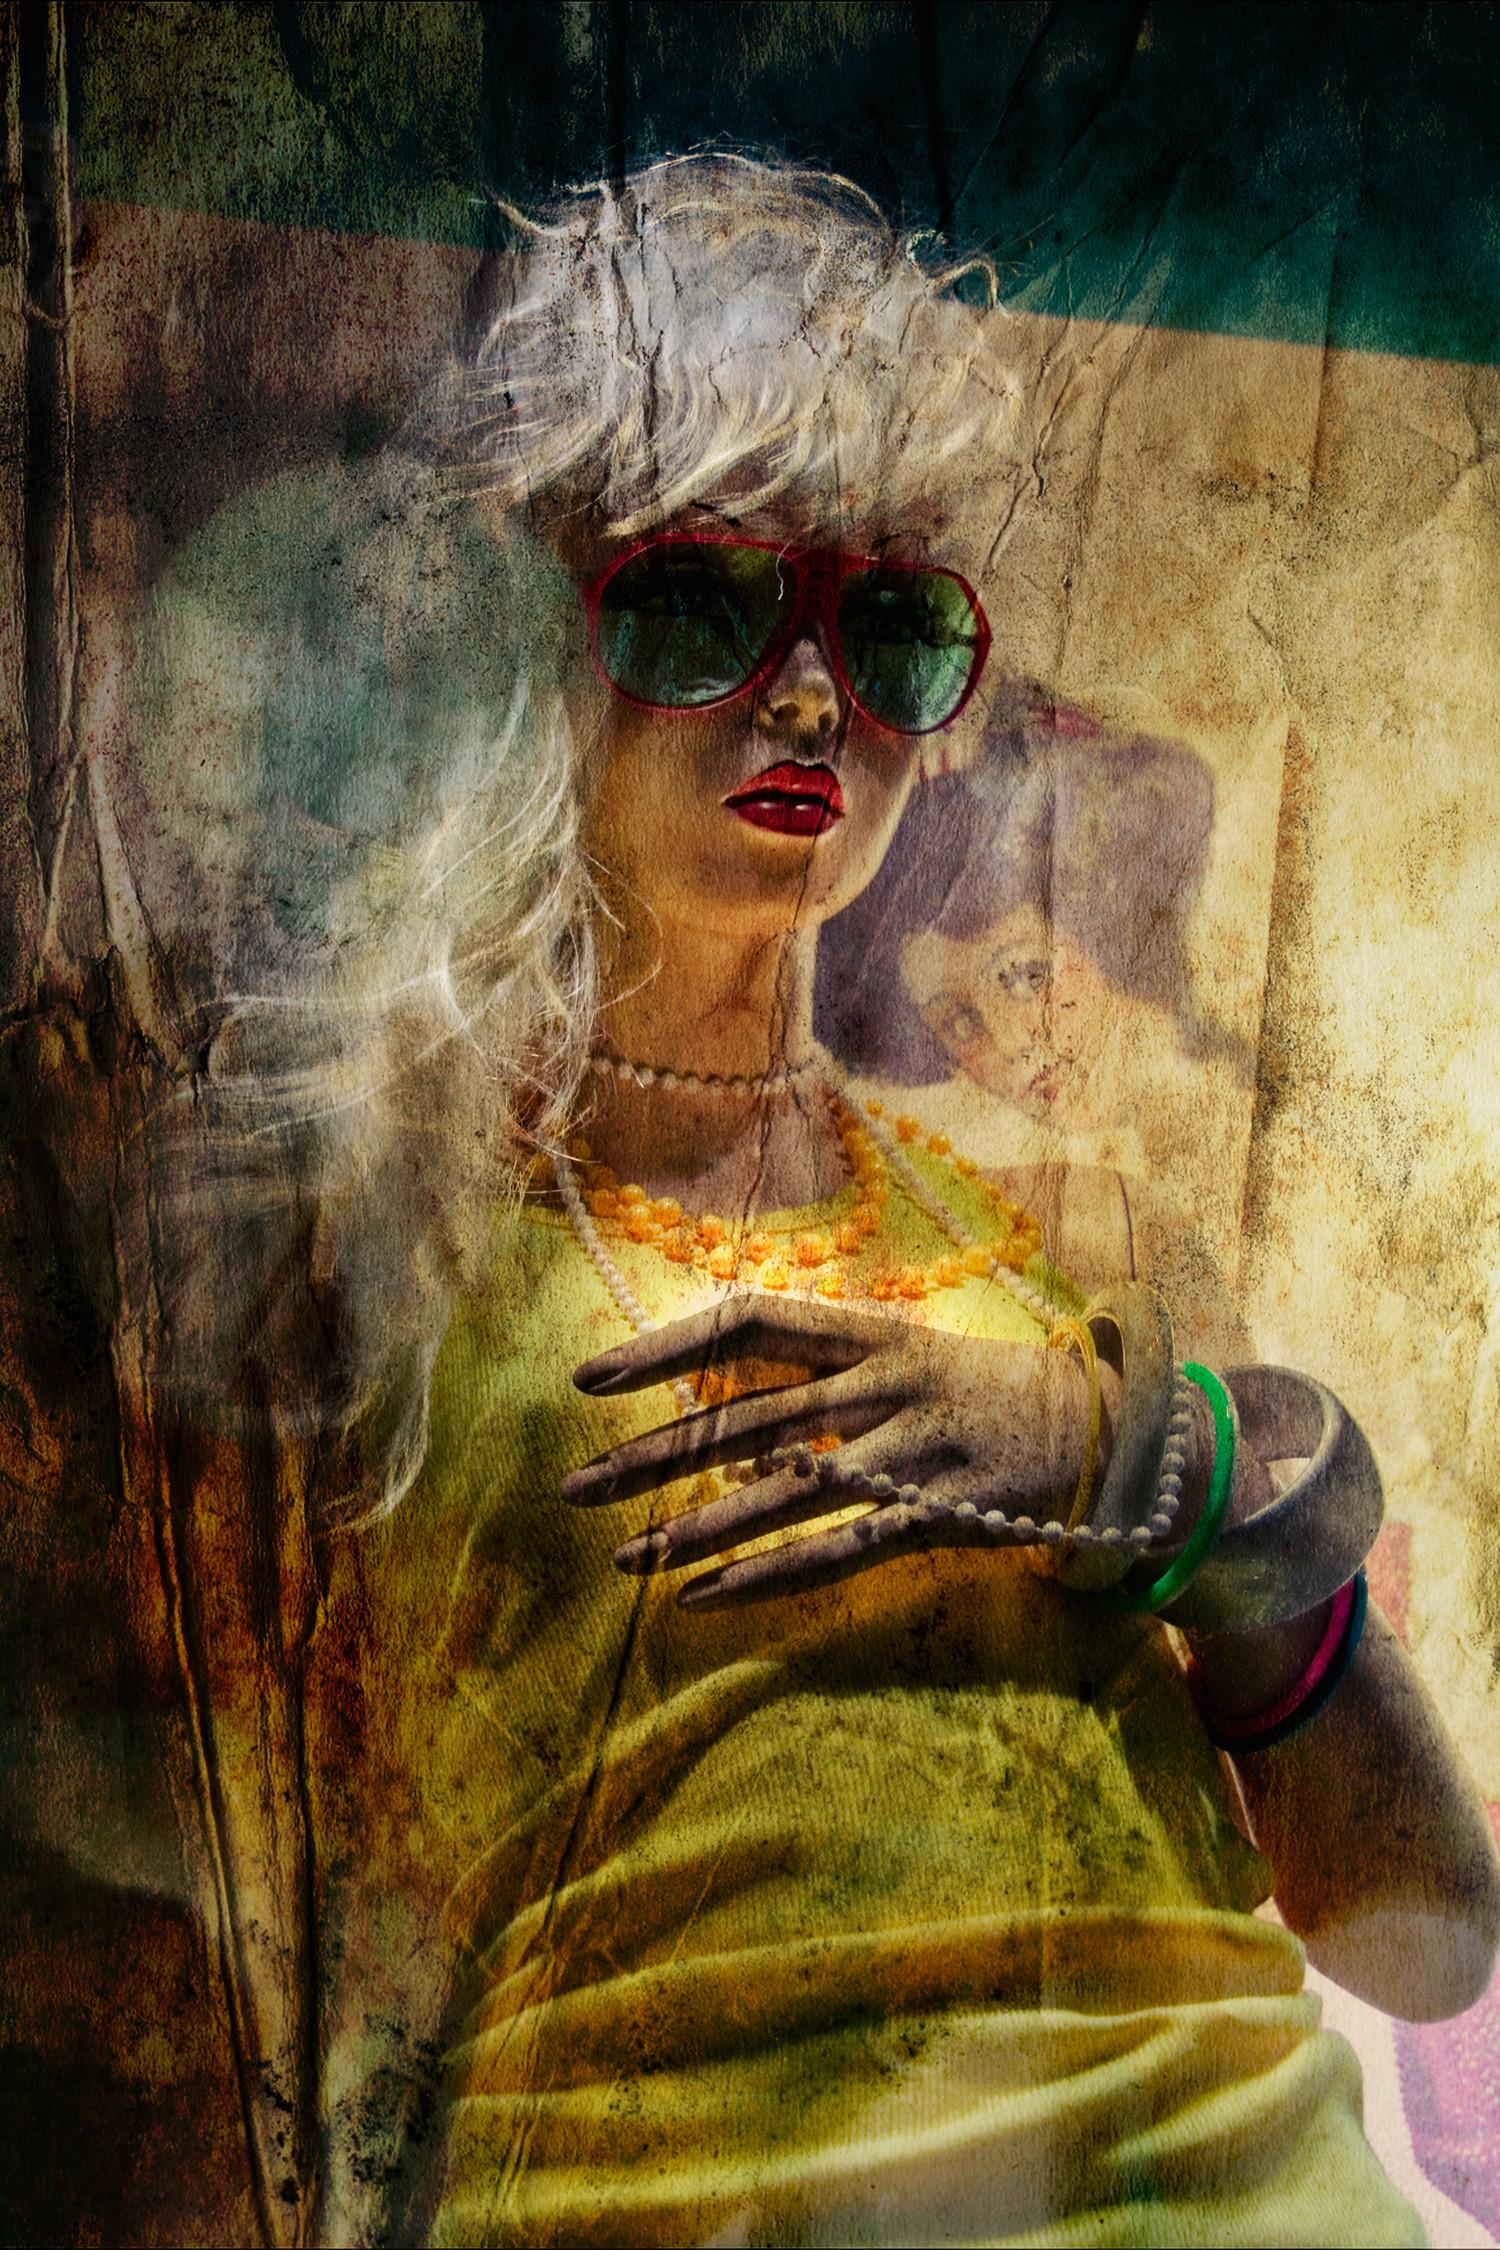 Plus qu'un simple présentoir, le mannequin permet aux clients de s'identifier rapidement à un look.Dans certaines vitrines, les postures, les mises en scène ou encore l'éclairage sont raffinés dans le but d'accentuer leur réalisme. À travers les vitres ces mannequins deviennent des reflets comme ceux d'un miroir.  Recherche personnelle.